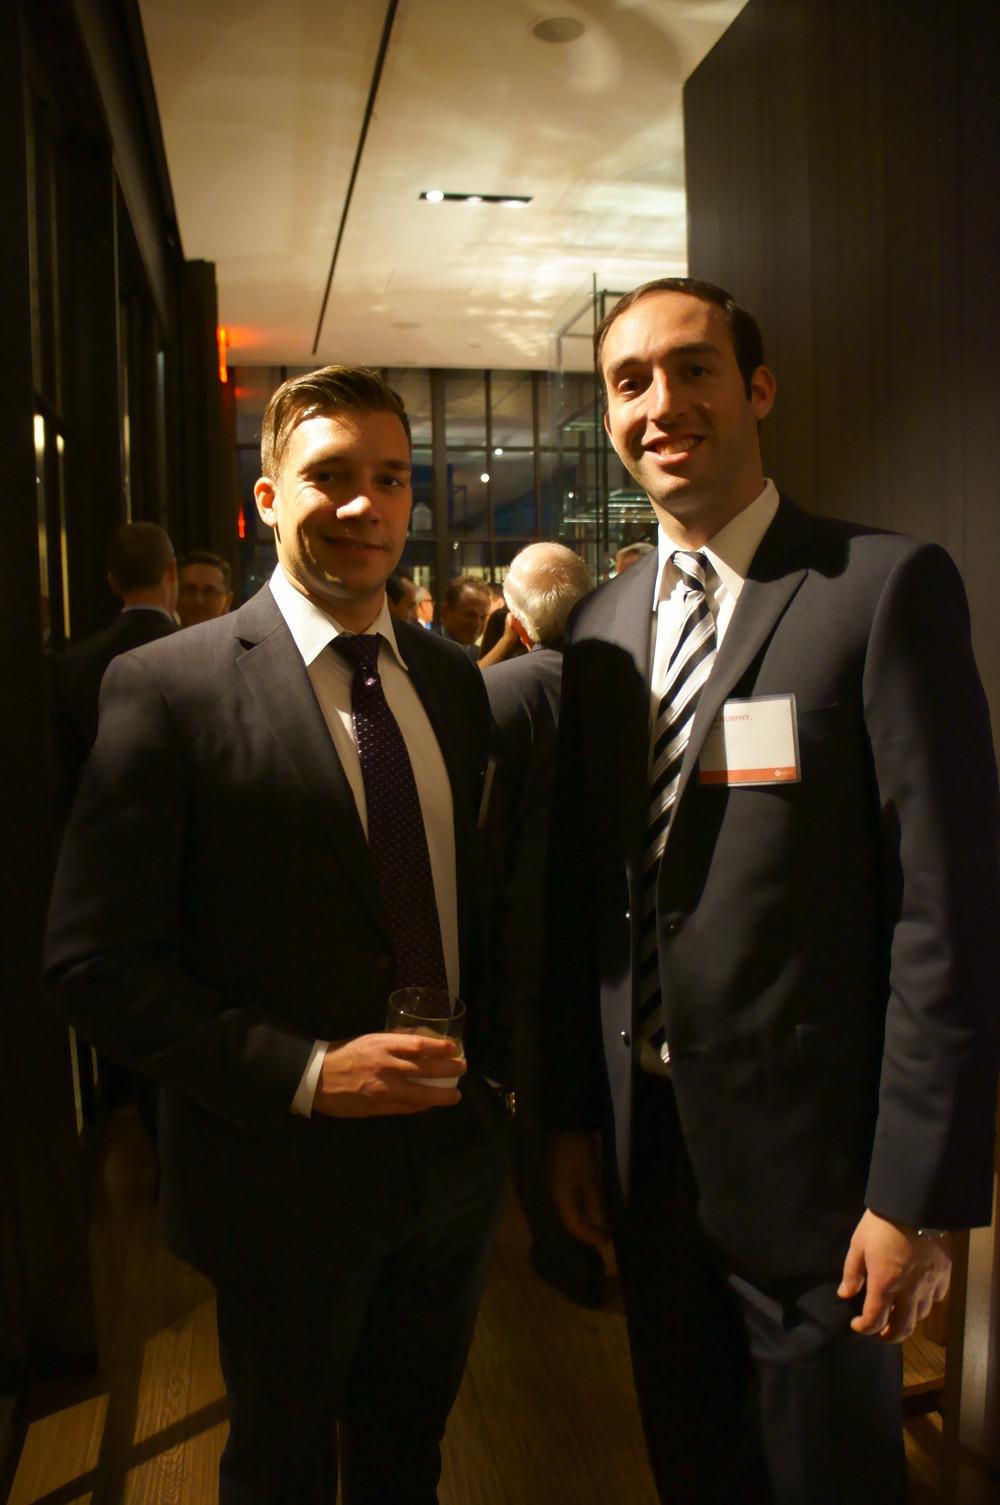 Matt Ciavaglia and John Murphy, members of the Gravitas Business Development Team, at cocktail hour.